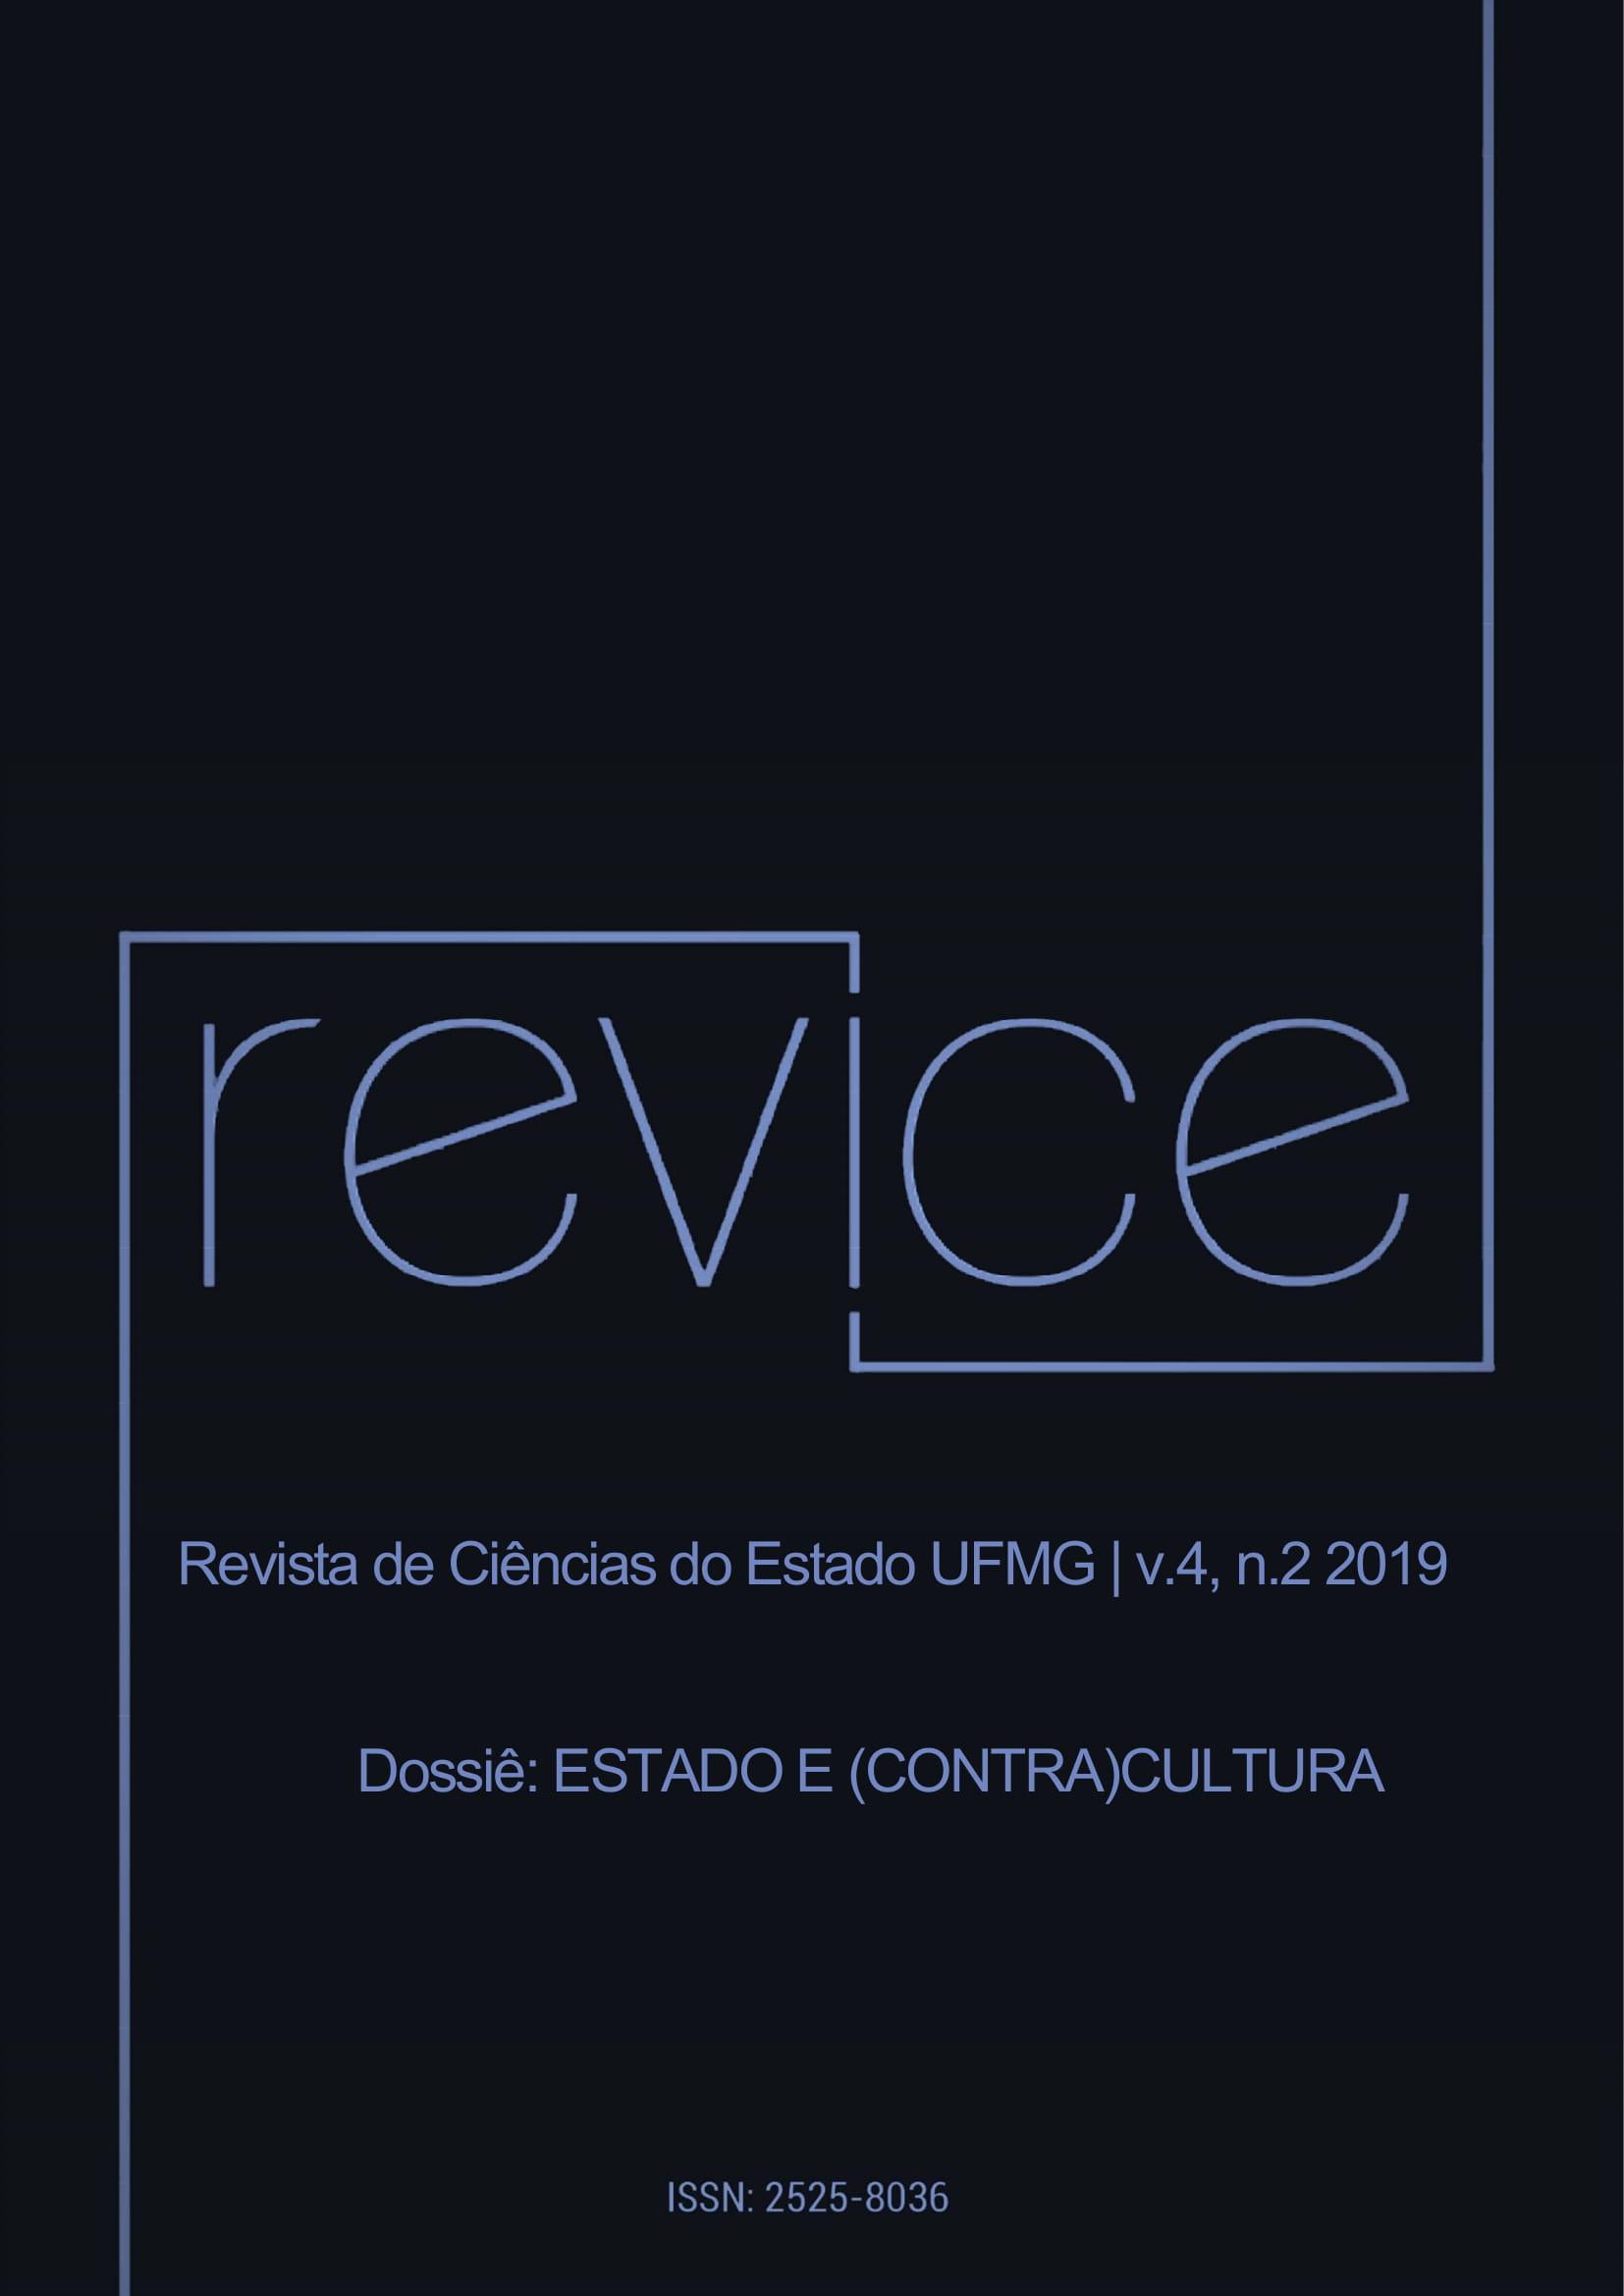 Visualizar v. 4 n. 2 (2019): Estado e (contra)cultura